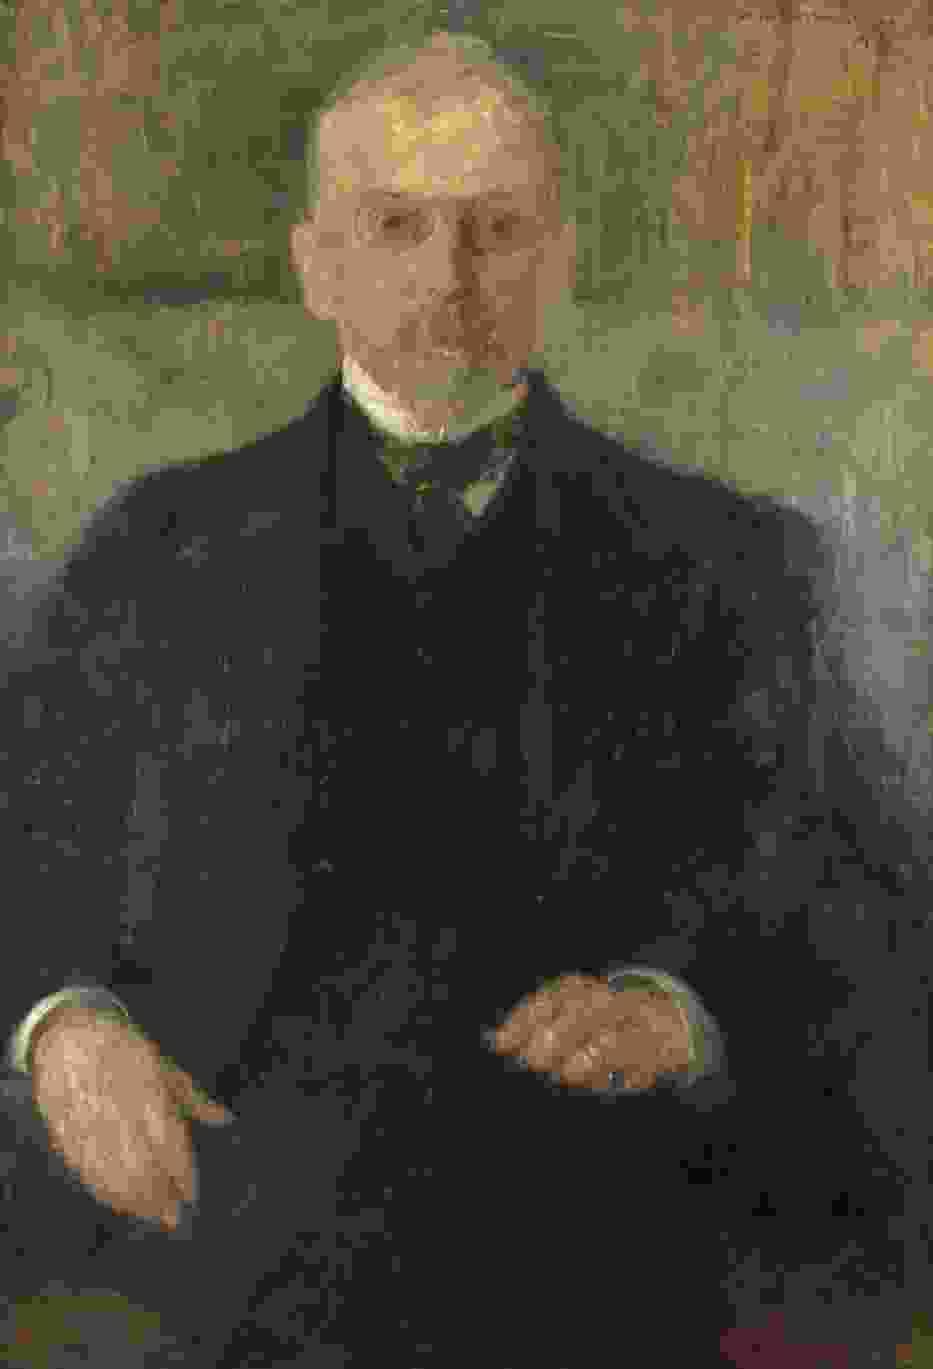 Olga Boznańska, Portret Henryka Sienkiewicza, 1913, Dzięki uprzejmości Muzeum Narodowego w Krakowie